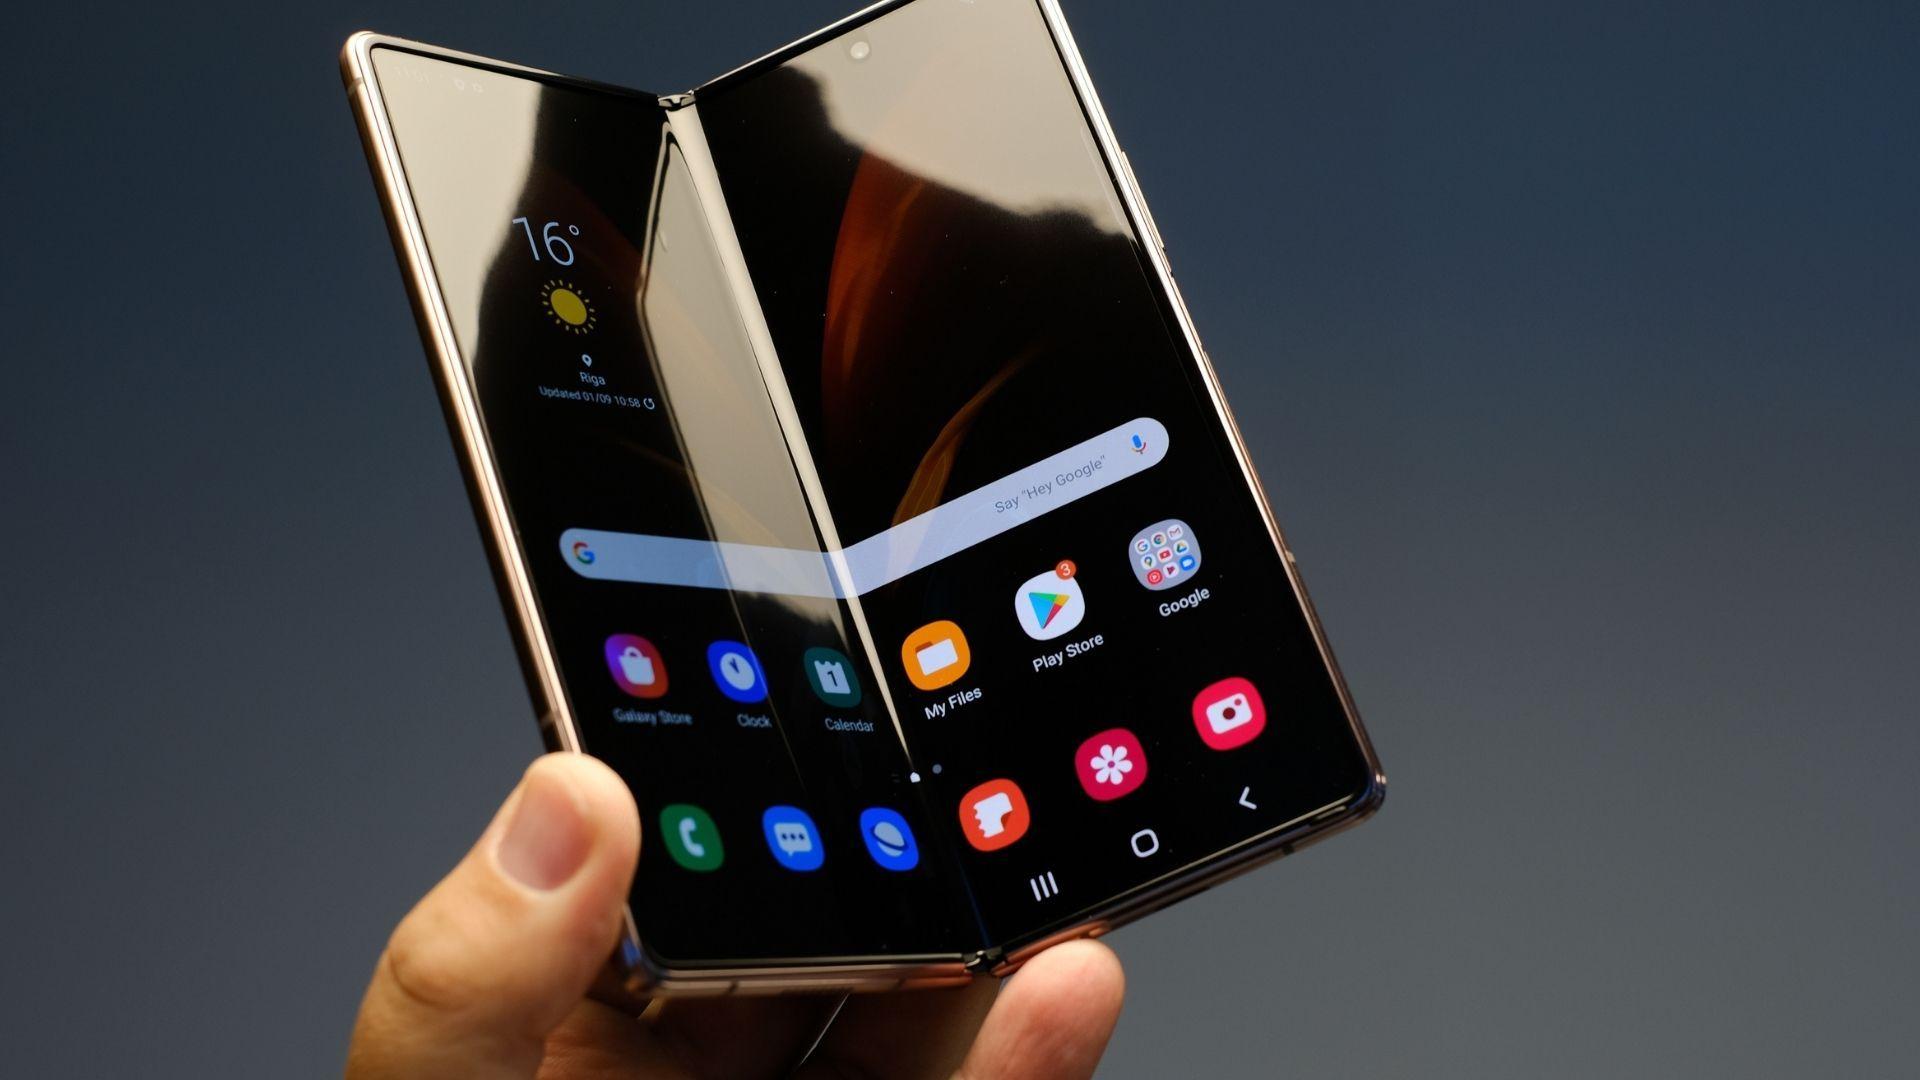 Celular Samsung dobrável sendo segurado por uma mão em fundo cinza